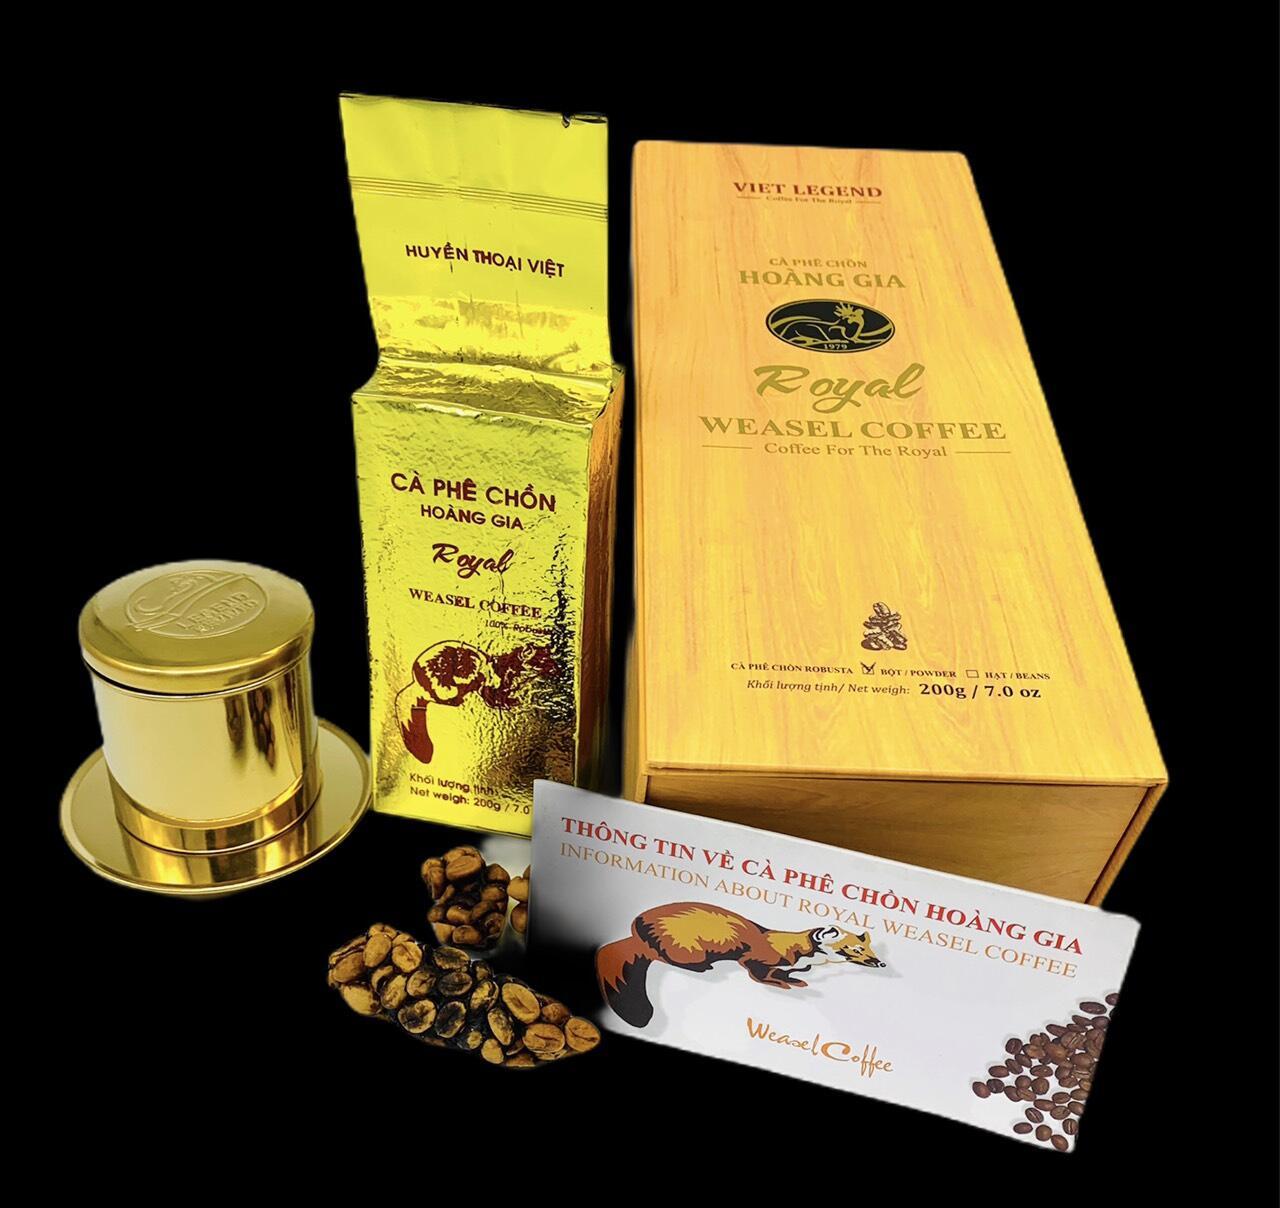 Cà phê Chồn Hoàng Gia